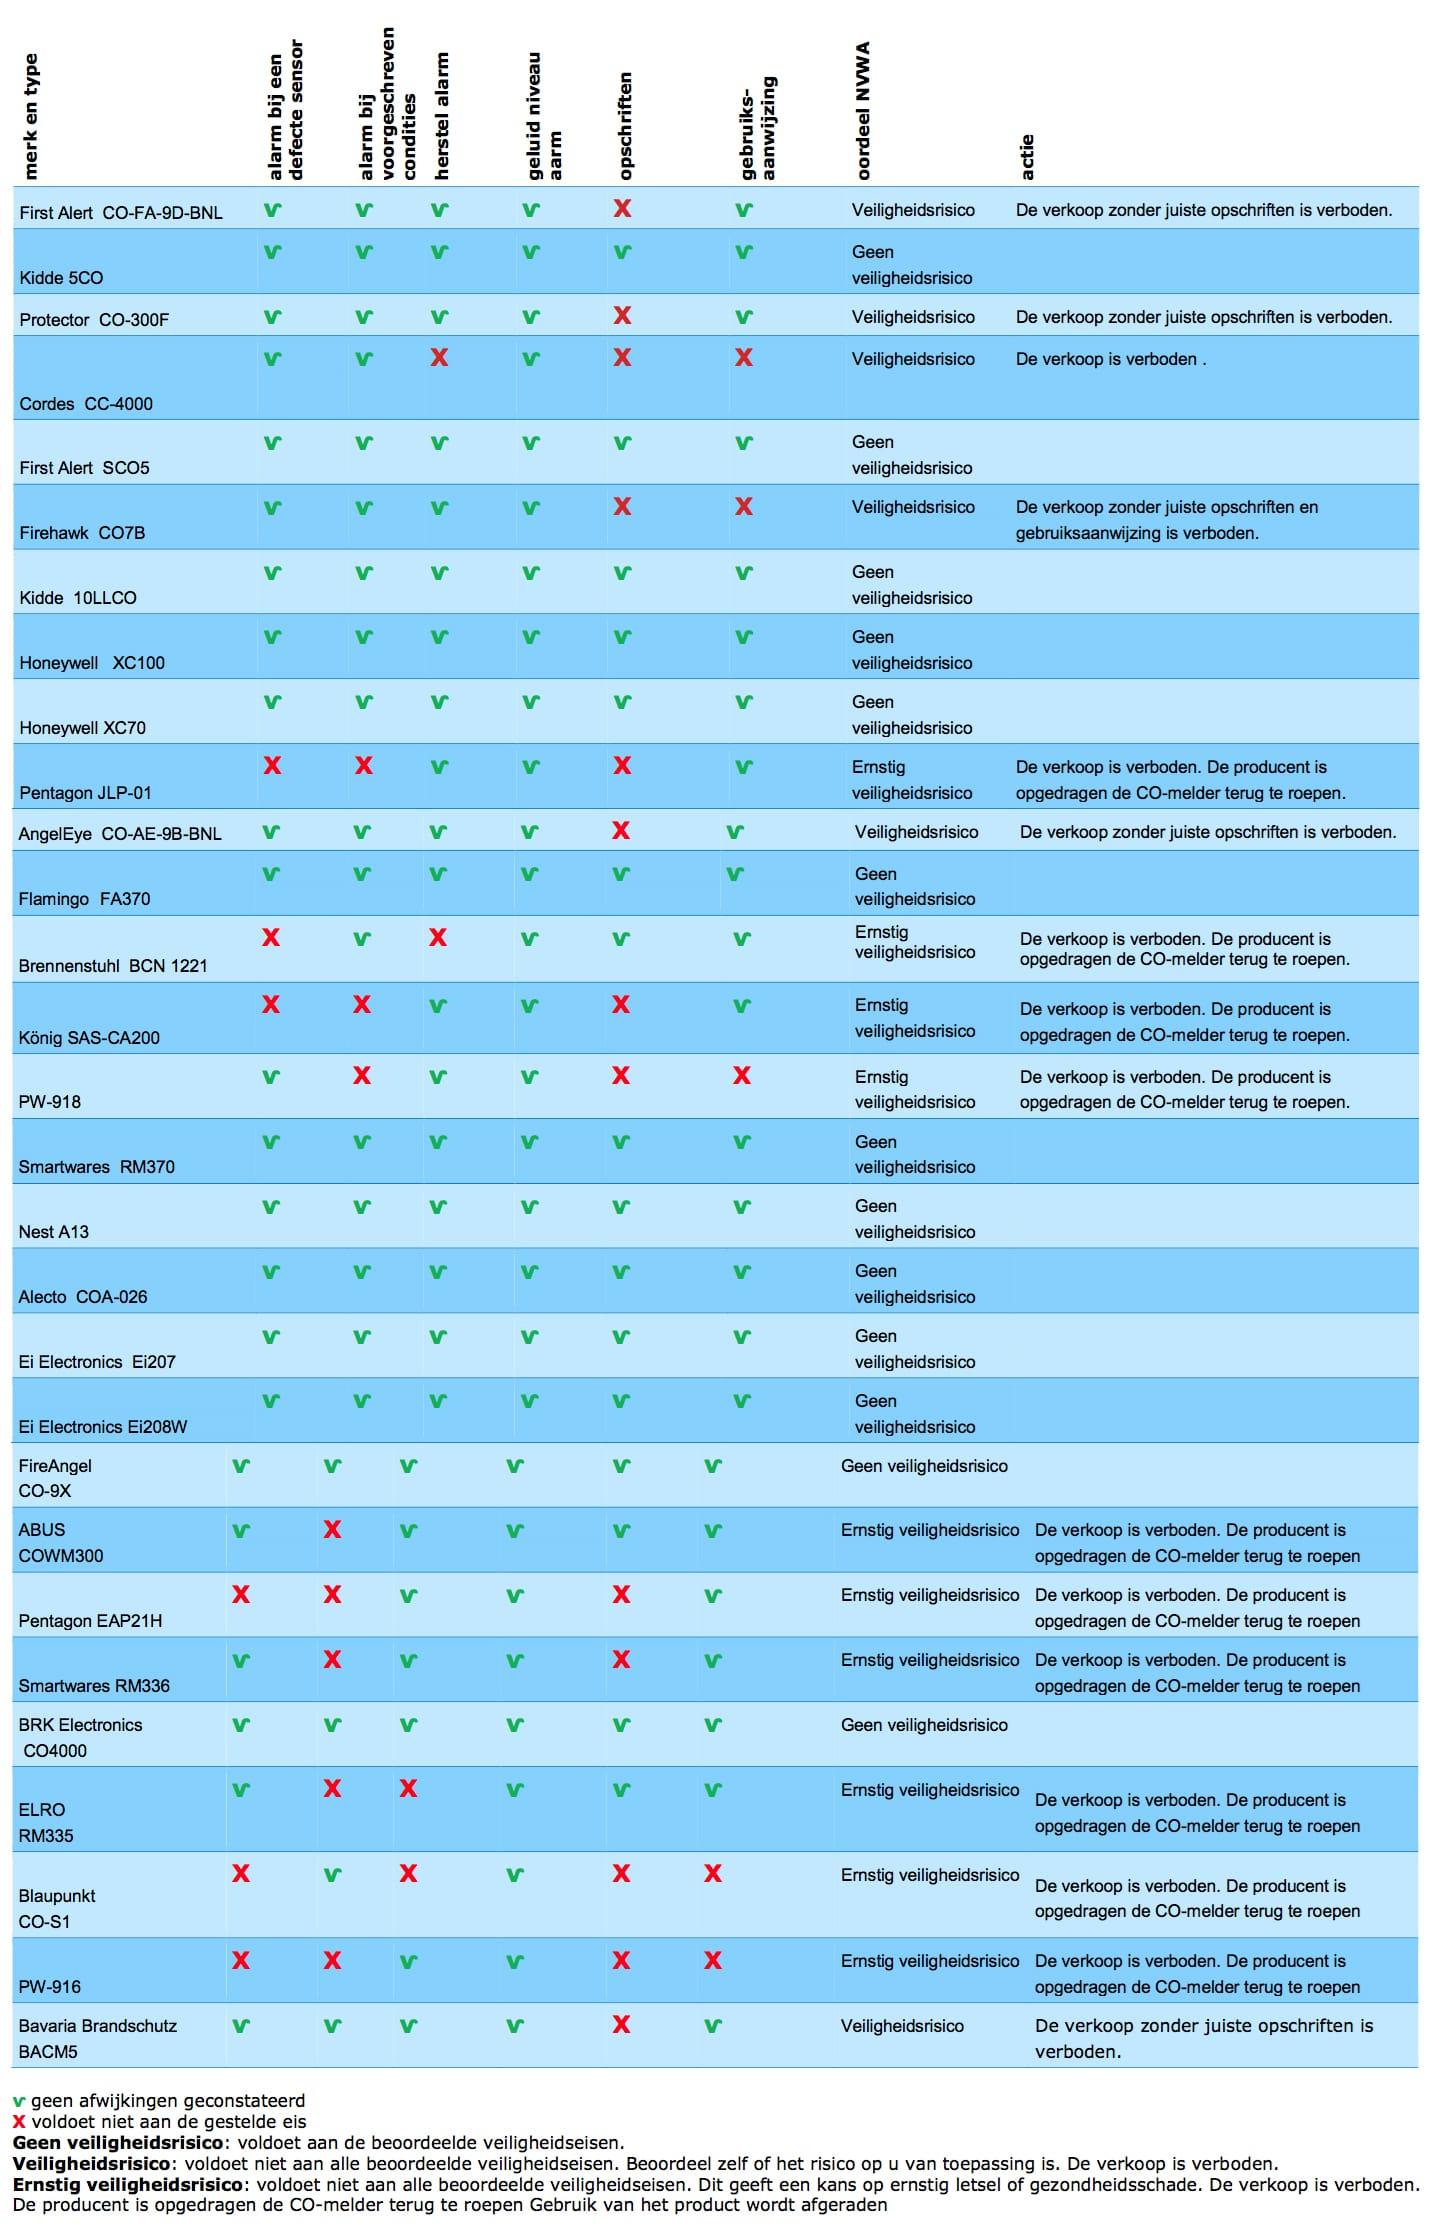 onderzoeksresultaten-koolmonoxidemelder